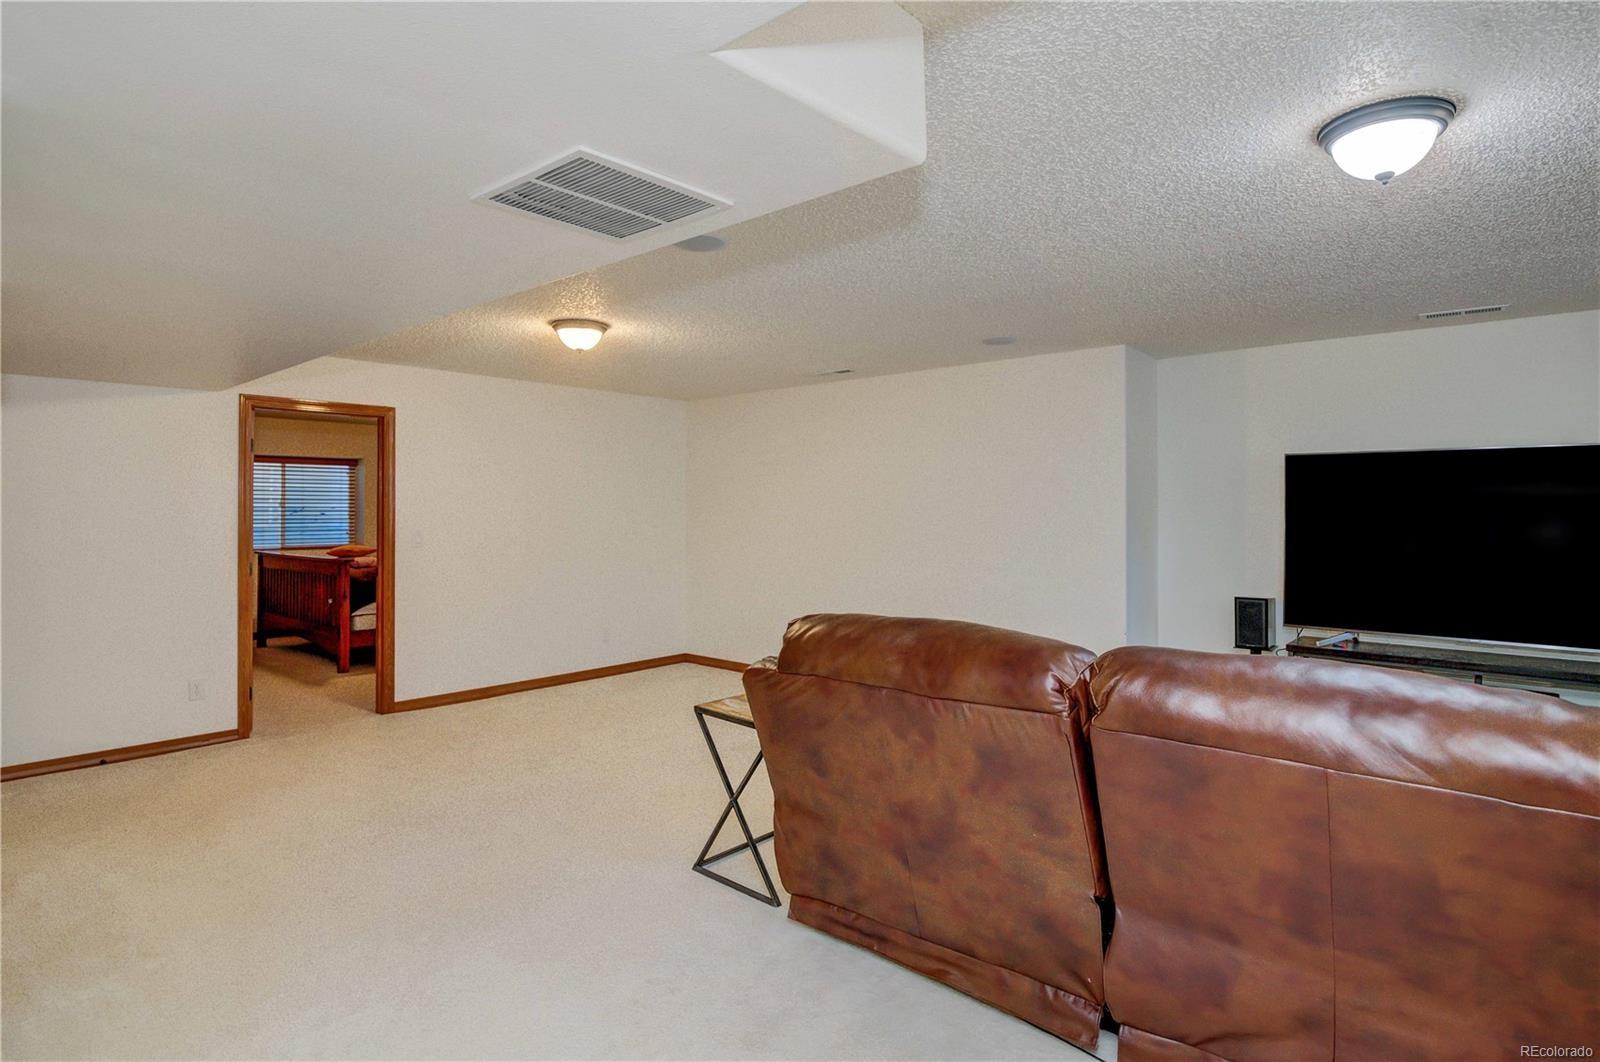 MLS# 5456451 - 25 - 15971 Woodmeadow Court, Colorado Springs, CO 80921